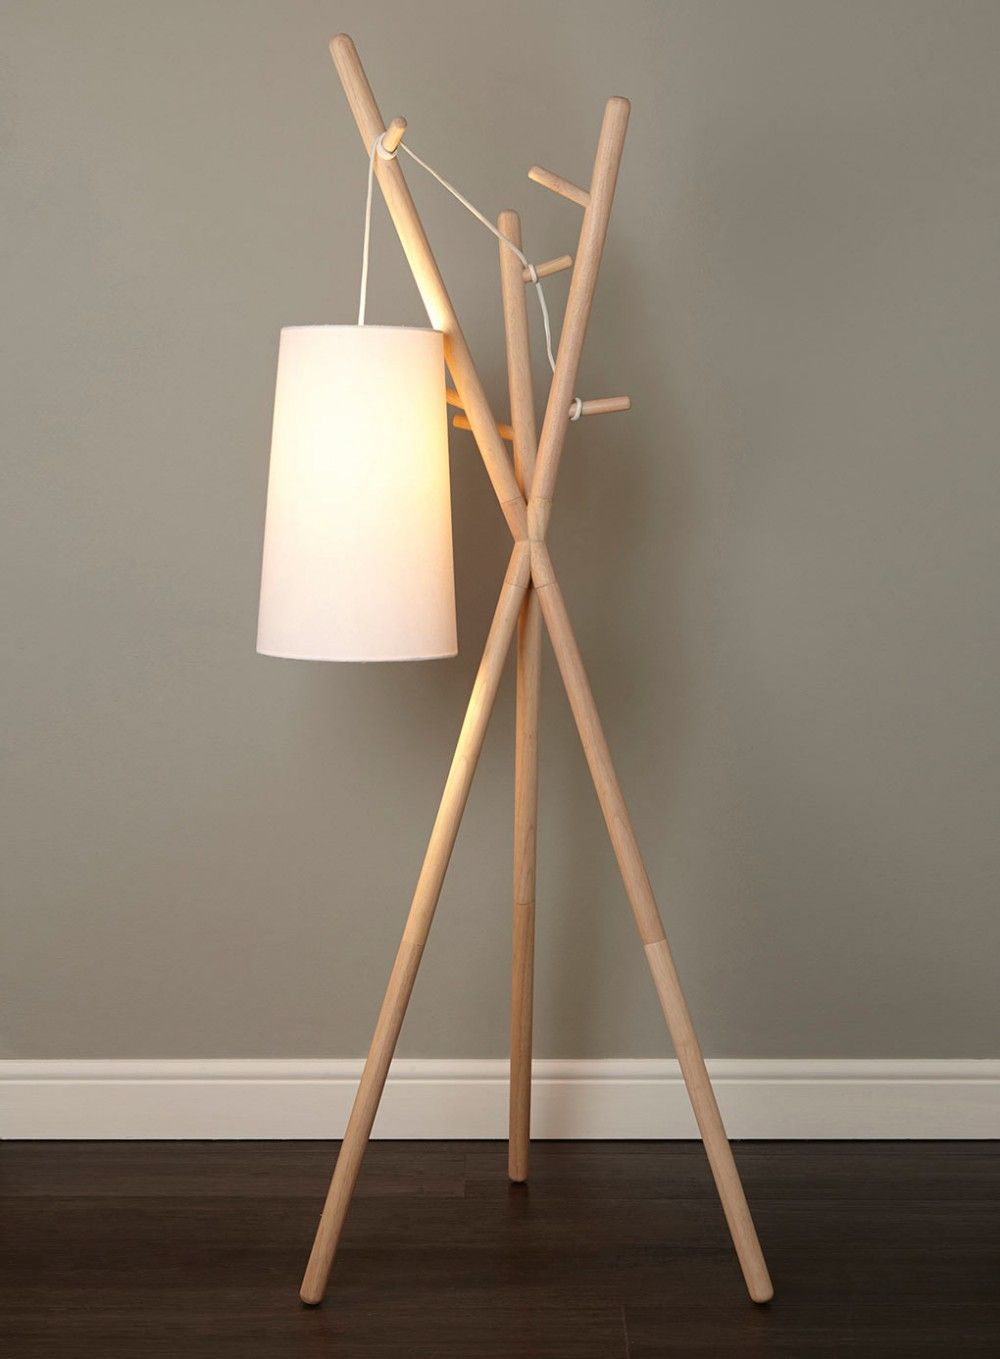 Drewniany Wieszak Do Przedpokoju Oświetlenie Pinterest